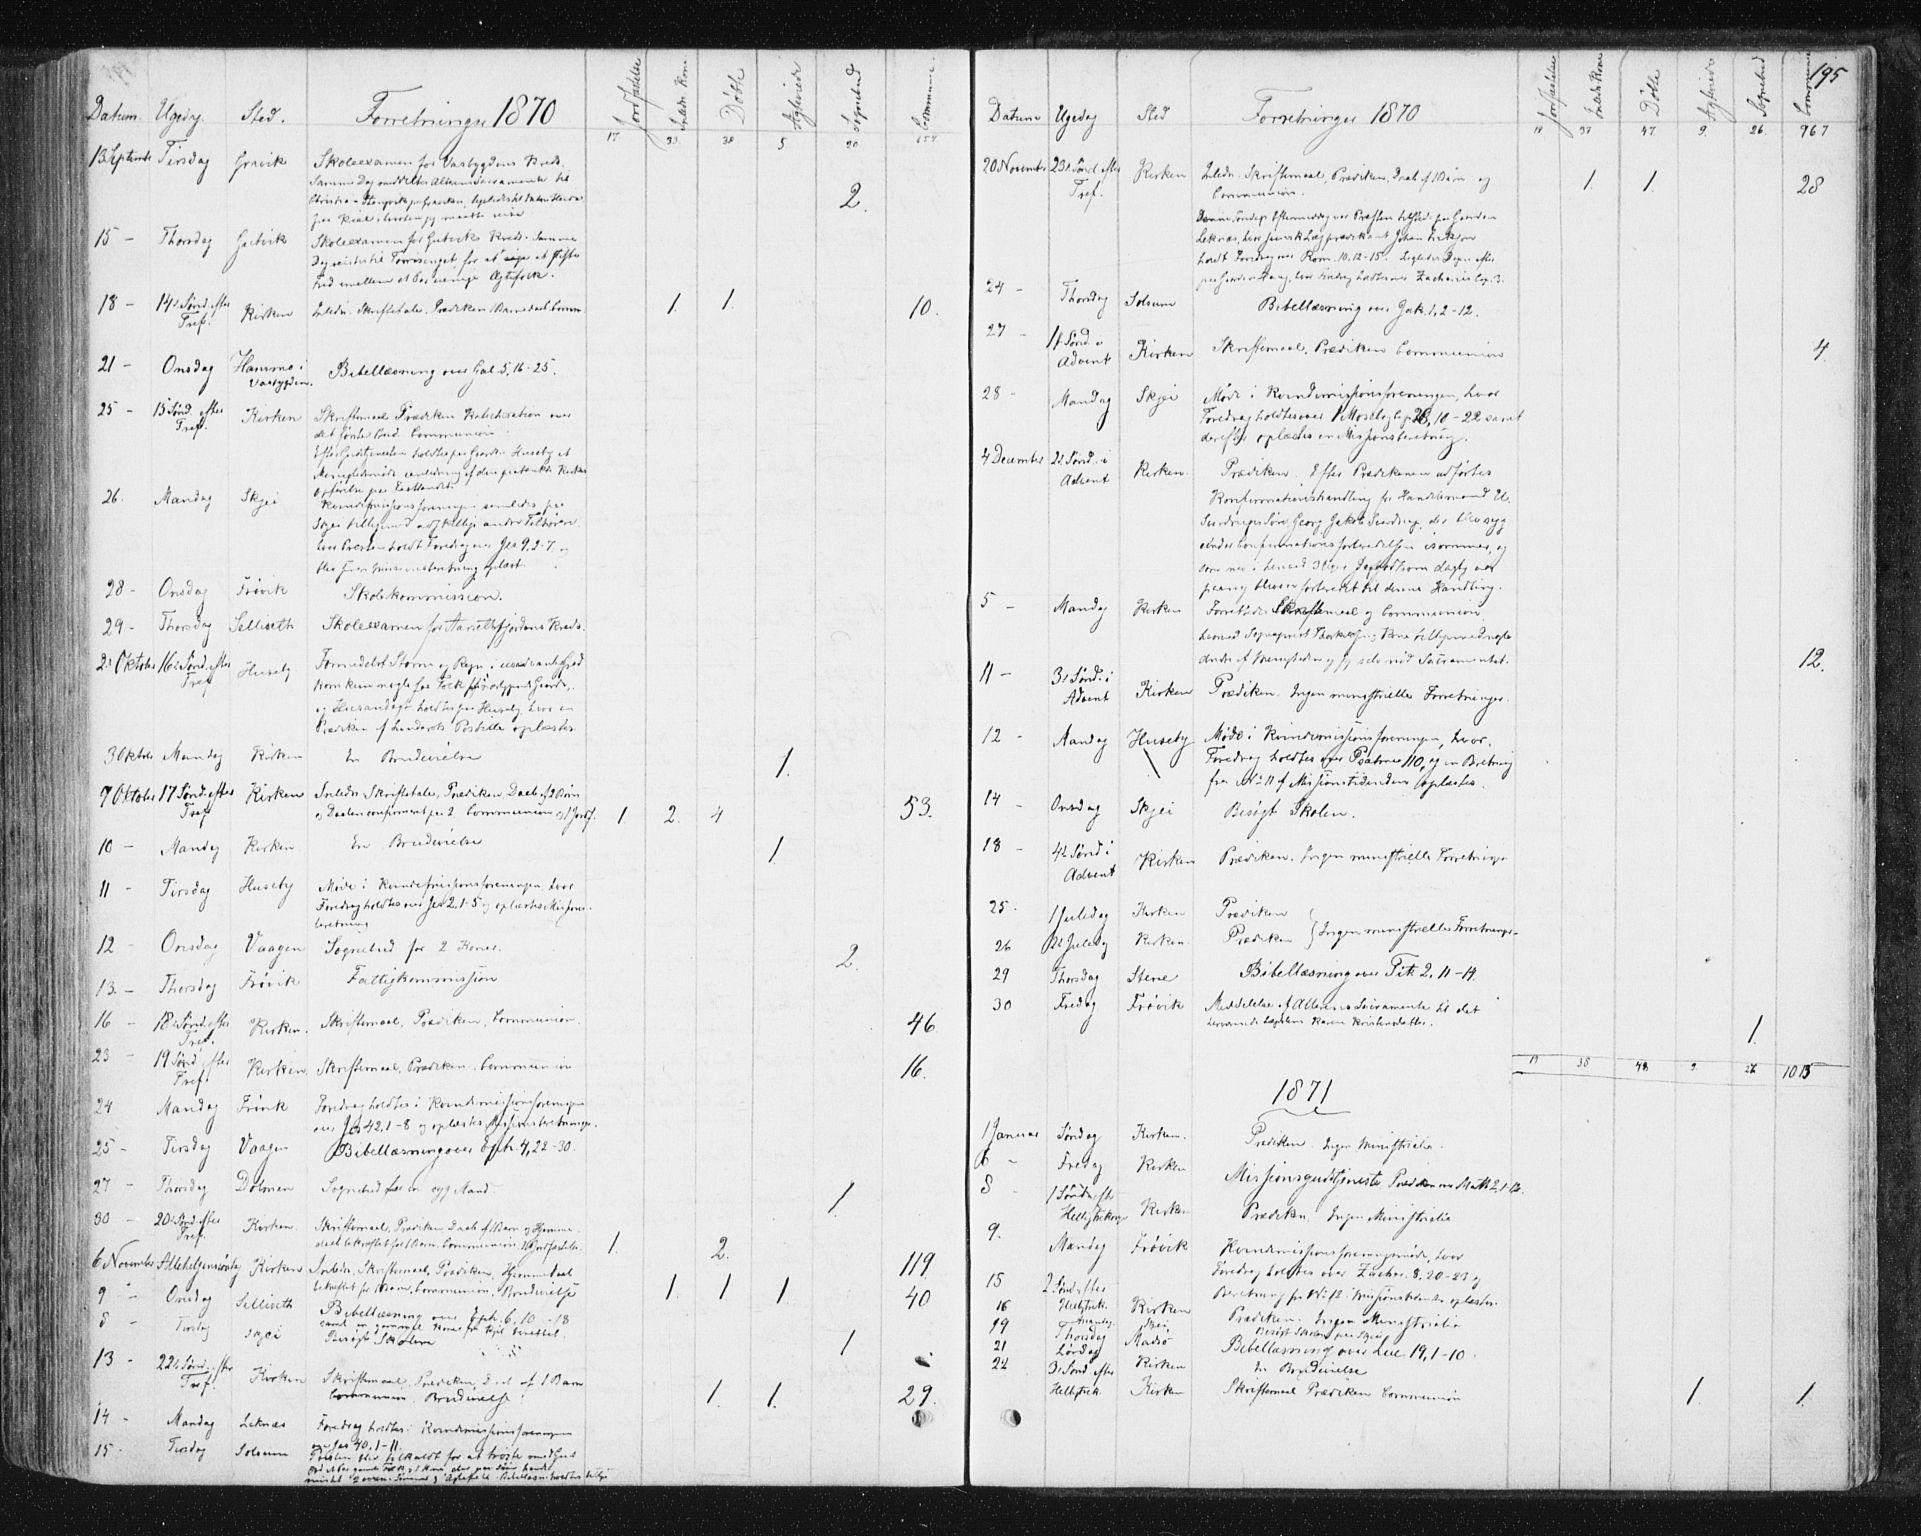 SAT, Ministerialprotokoller, klokkerbøker og fødselsregistre - Nord-Trøndelag, 788/L0696: Ministerialbok nr. 788A03, 1863-1877, s. 195